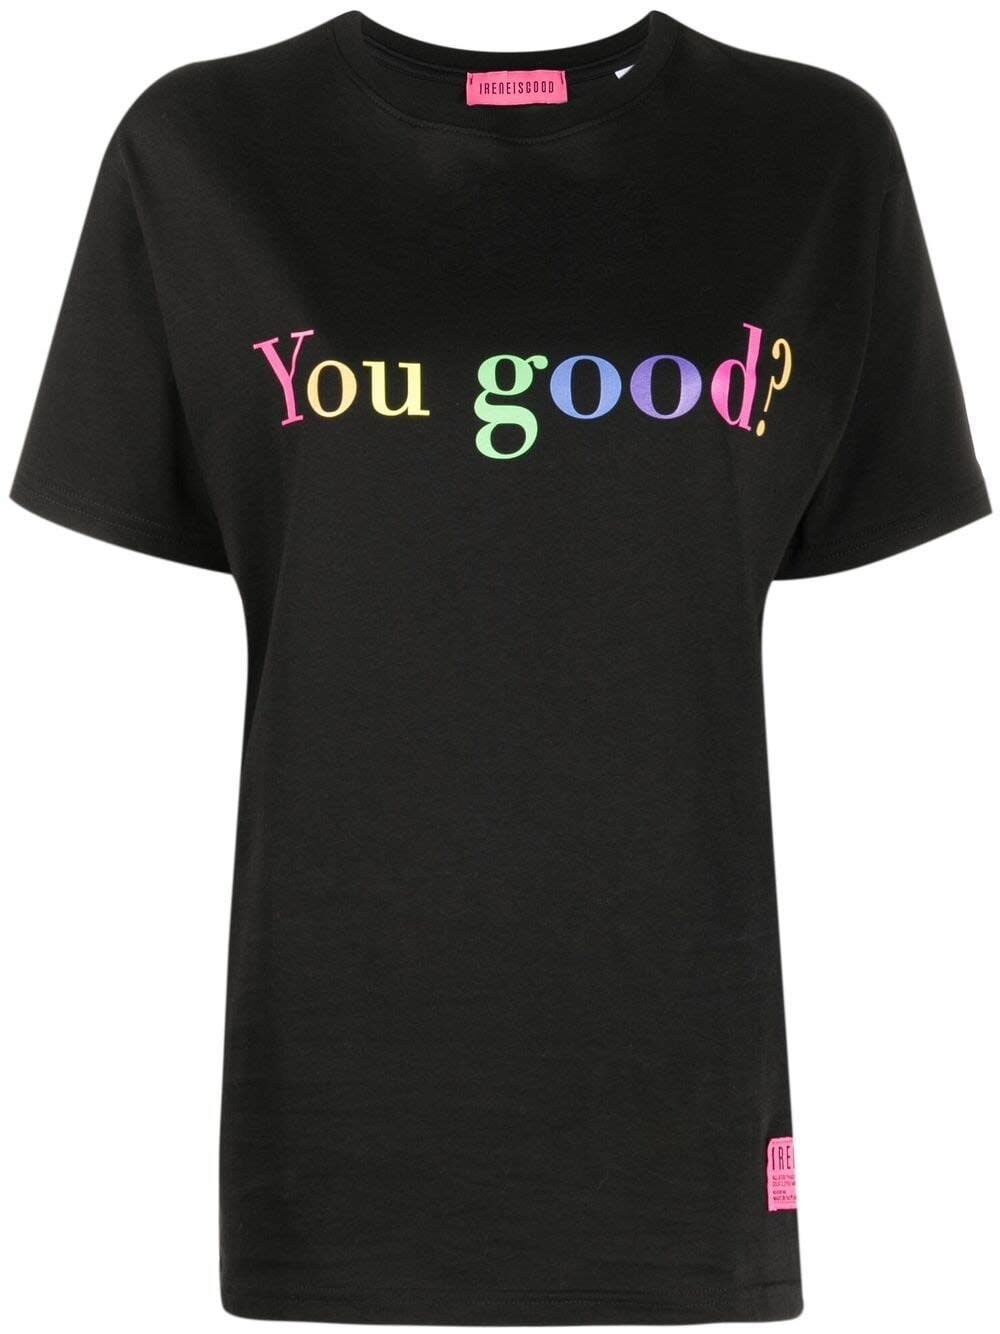 Good Ts Jersey T-shirt